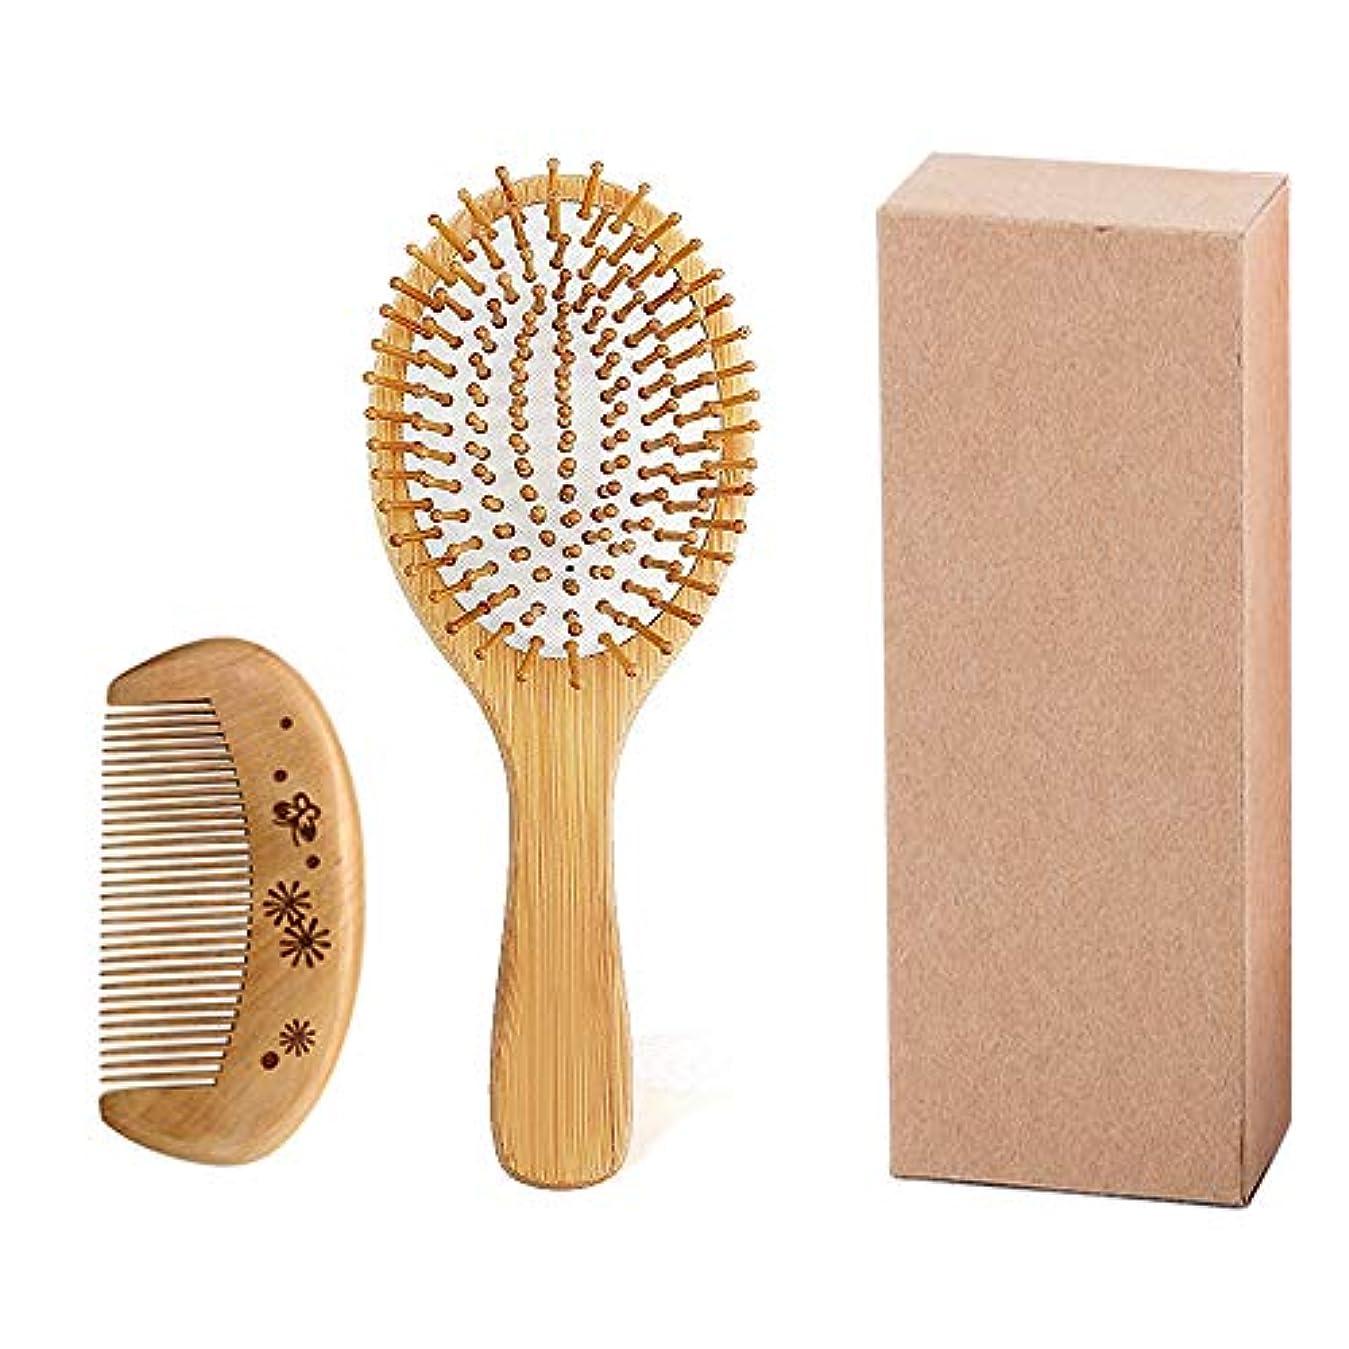 安心させる意見無効にするすべての髪のタイプ、髪のDetangler、竹の木のクッションマッサージのための竹の毛と100%ナチュラルヘアブラシ、女性と男性と子供のためのアンチスタティックヘアブラシ(ラウンド)